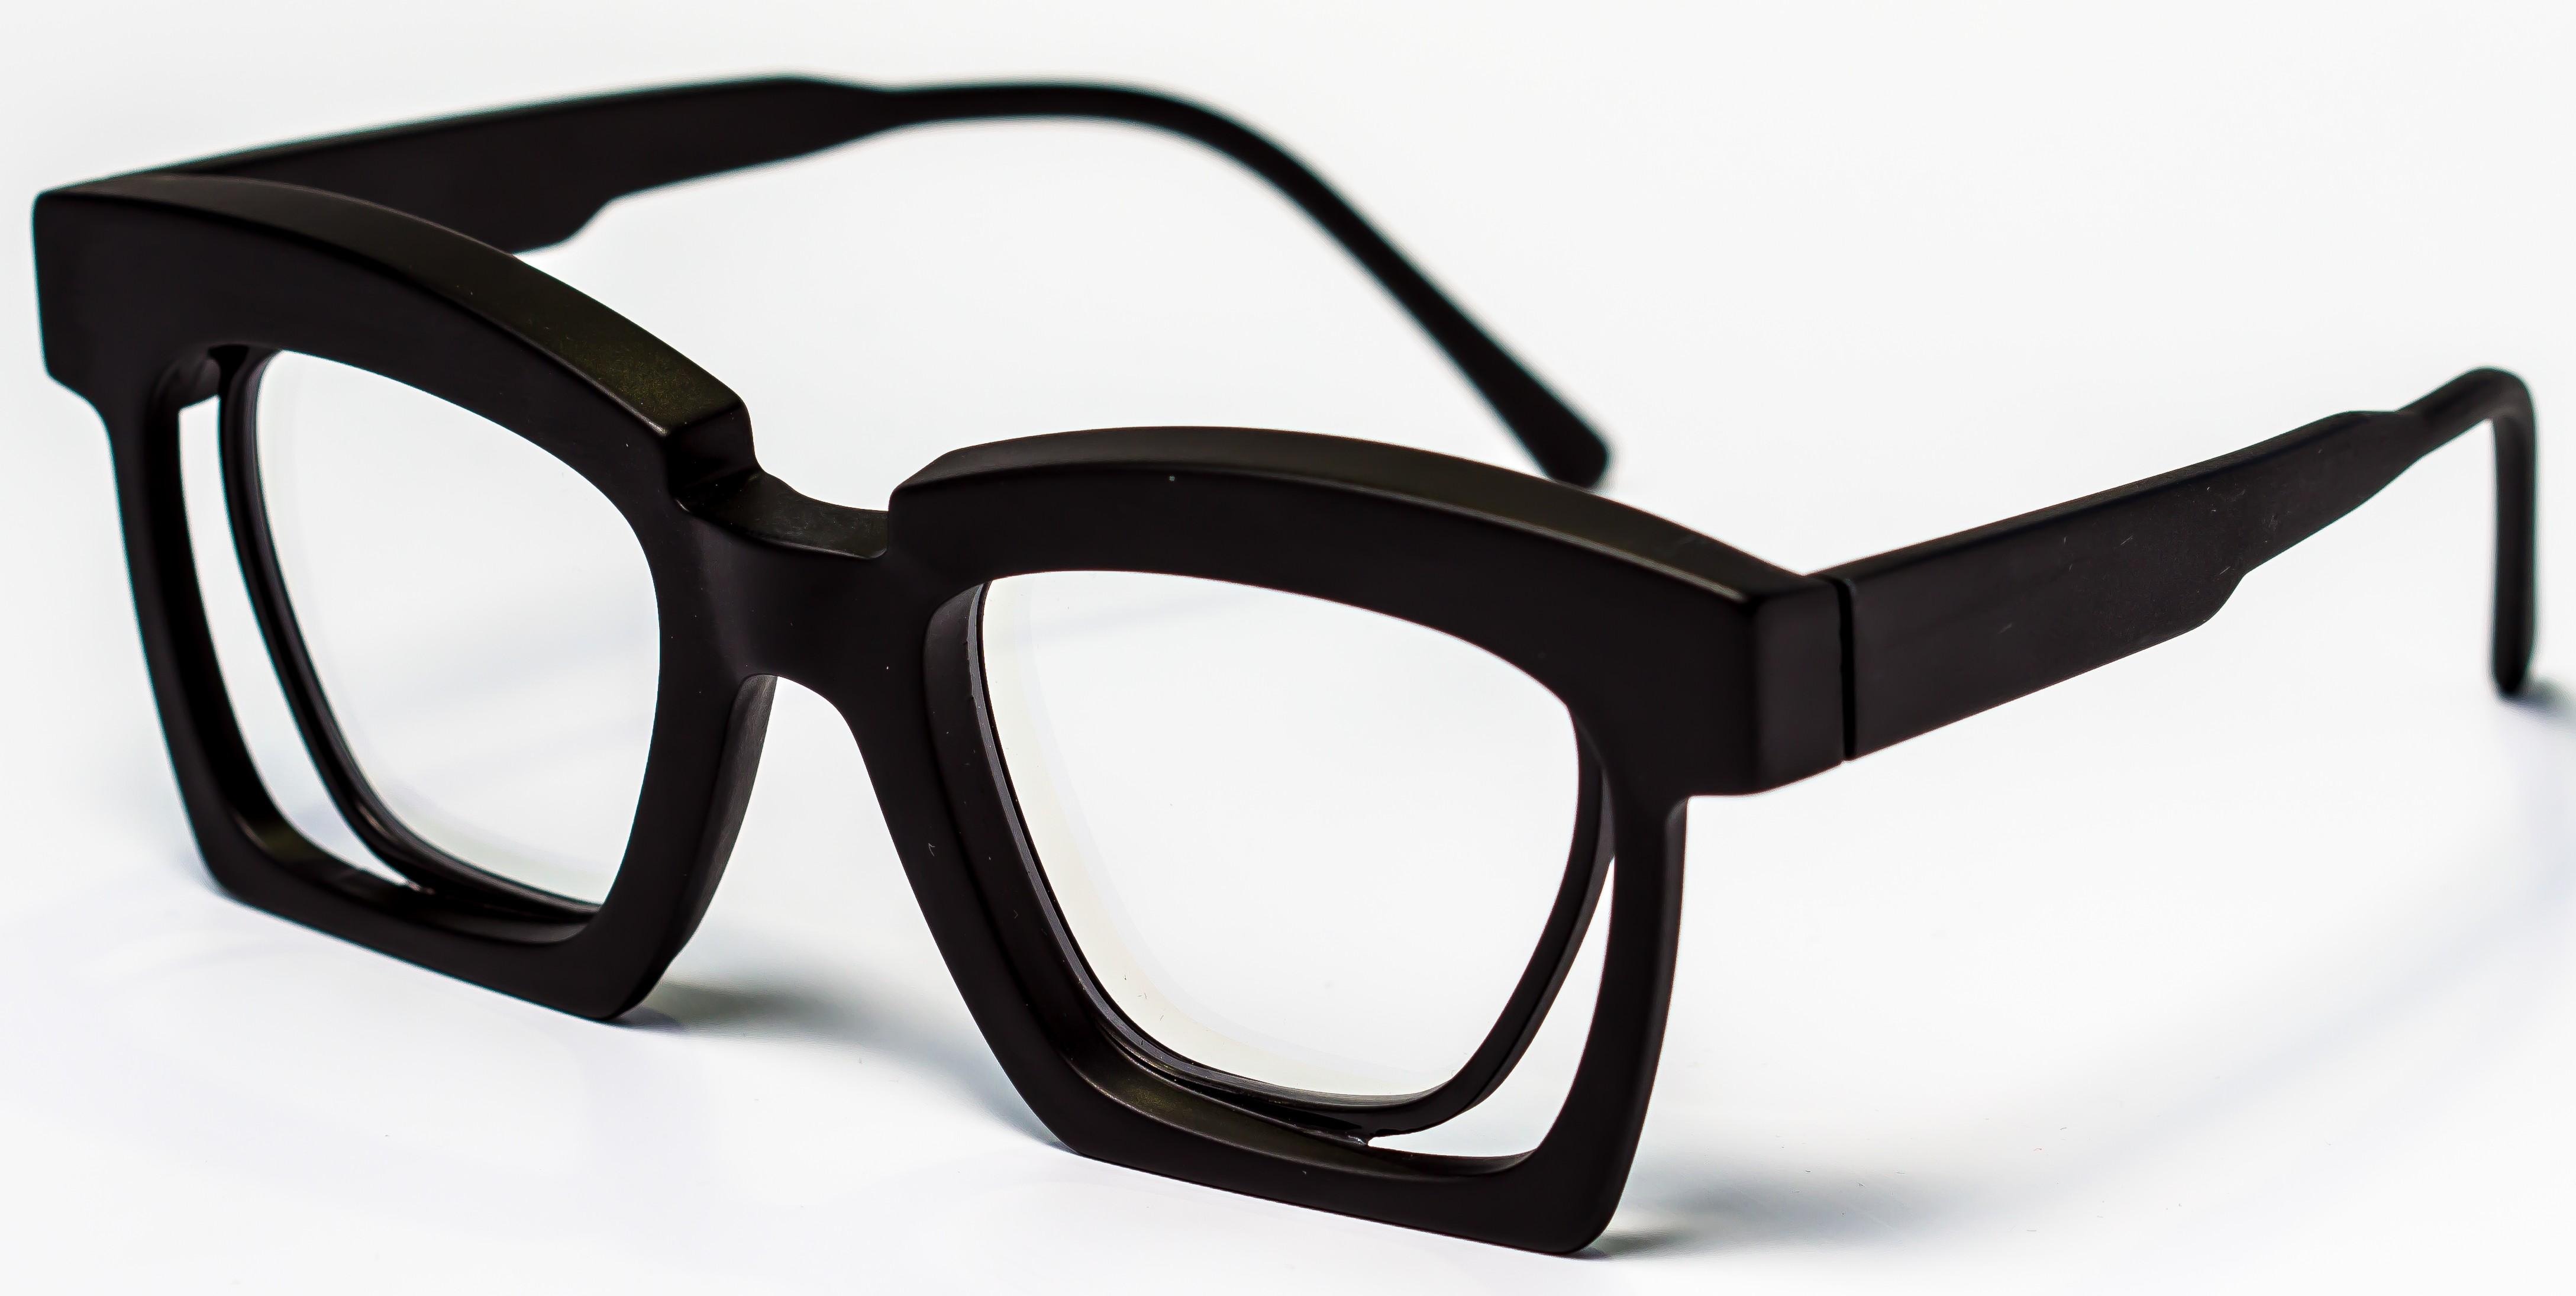 4dc9437f783 Kuboraum T3 01 - Eyestylist